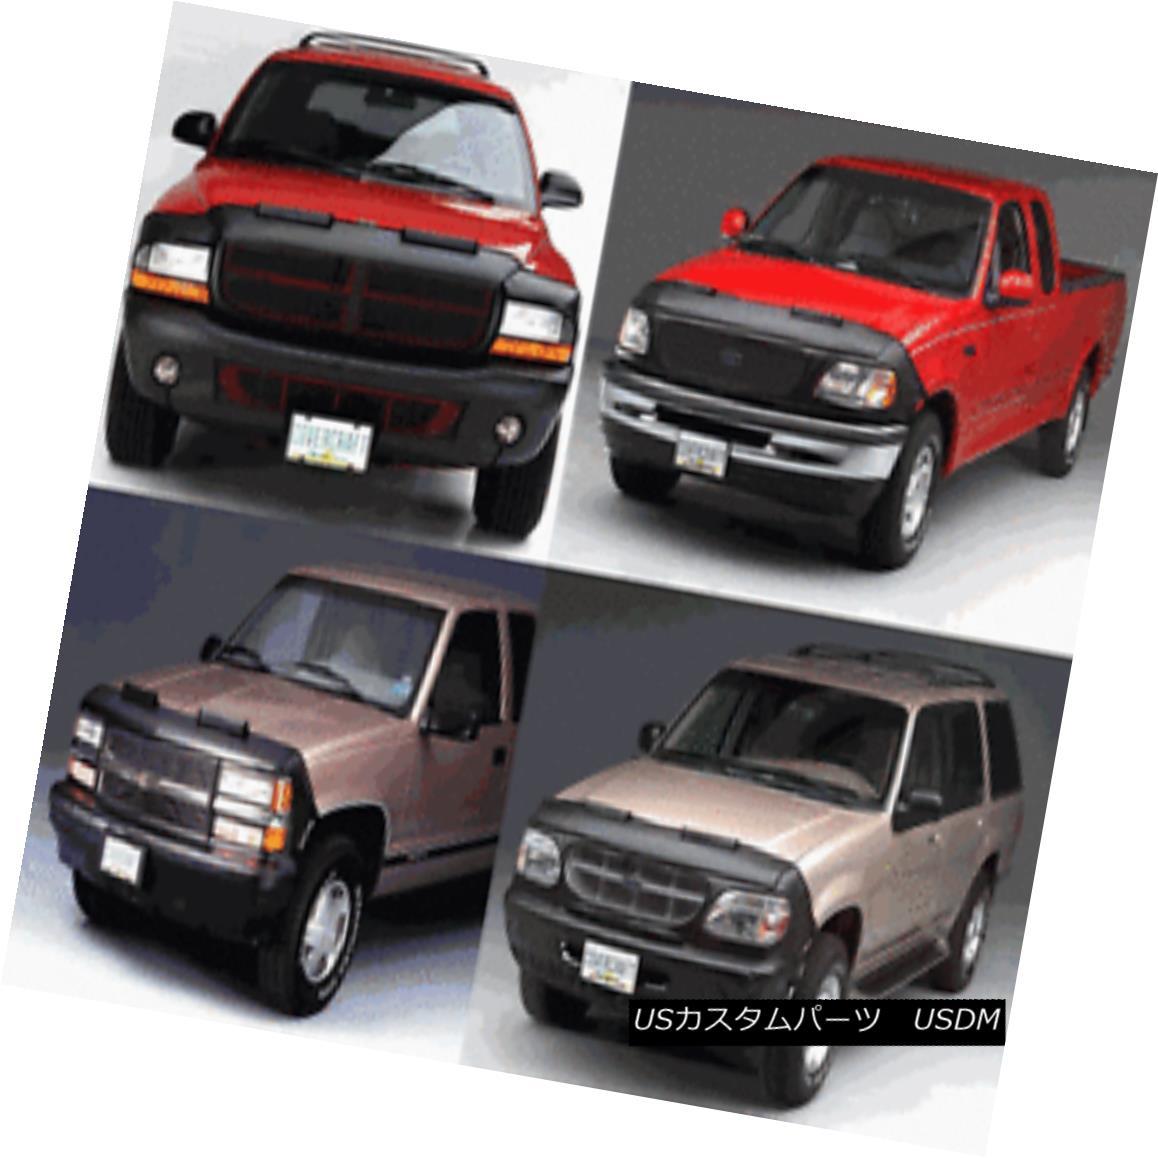 フルブラ ノーズブラ Lebra Front End Mask Cover Bra Fits 1998-2001 98 99 00 01 Chevrolet Metro  Lebraフロントエンドマスクカバーブラフィット1998-2001 98 99 00 01 Chevrolet Metro